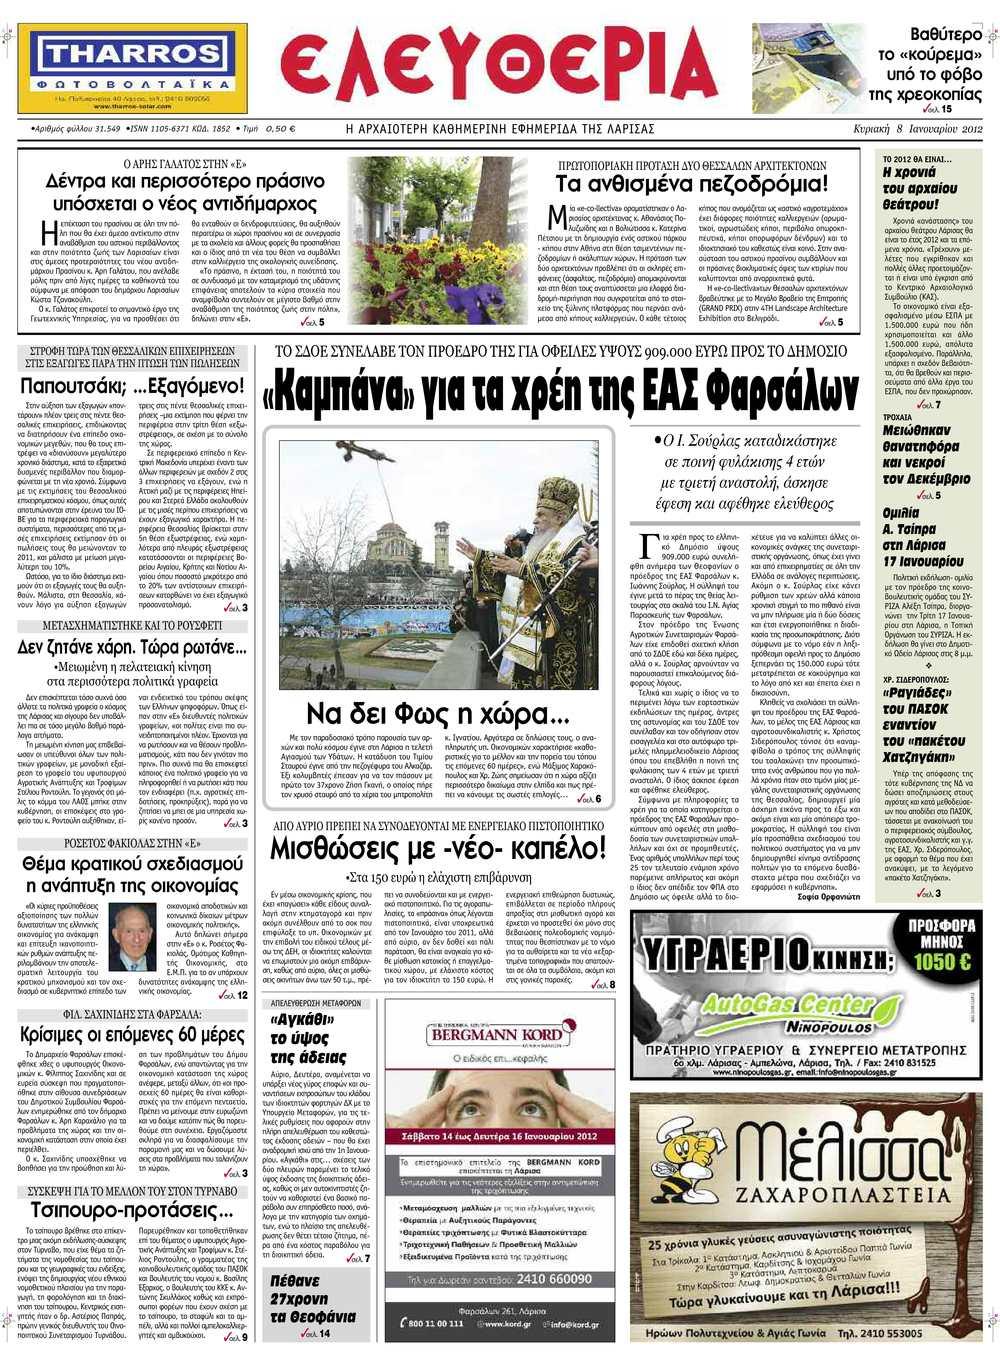 Calaméo - Eleftheria.gr 08 01 2012 11fd03795db